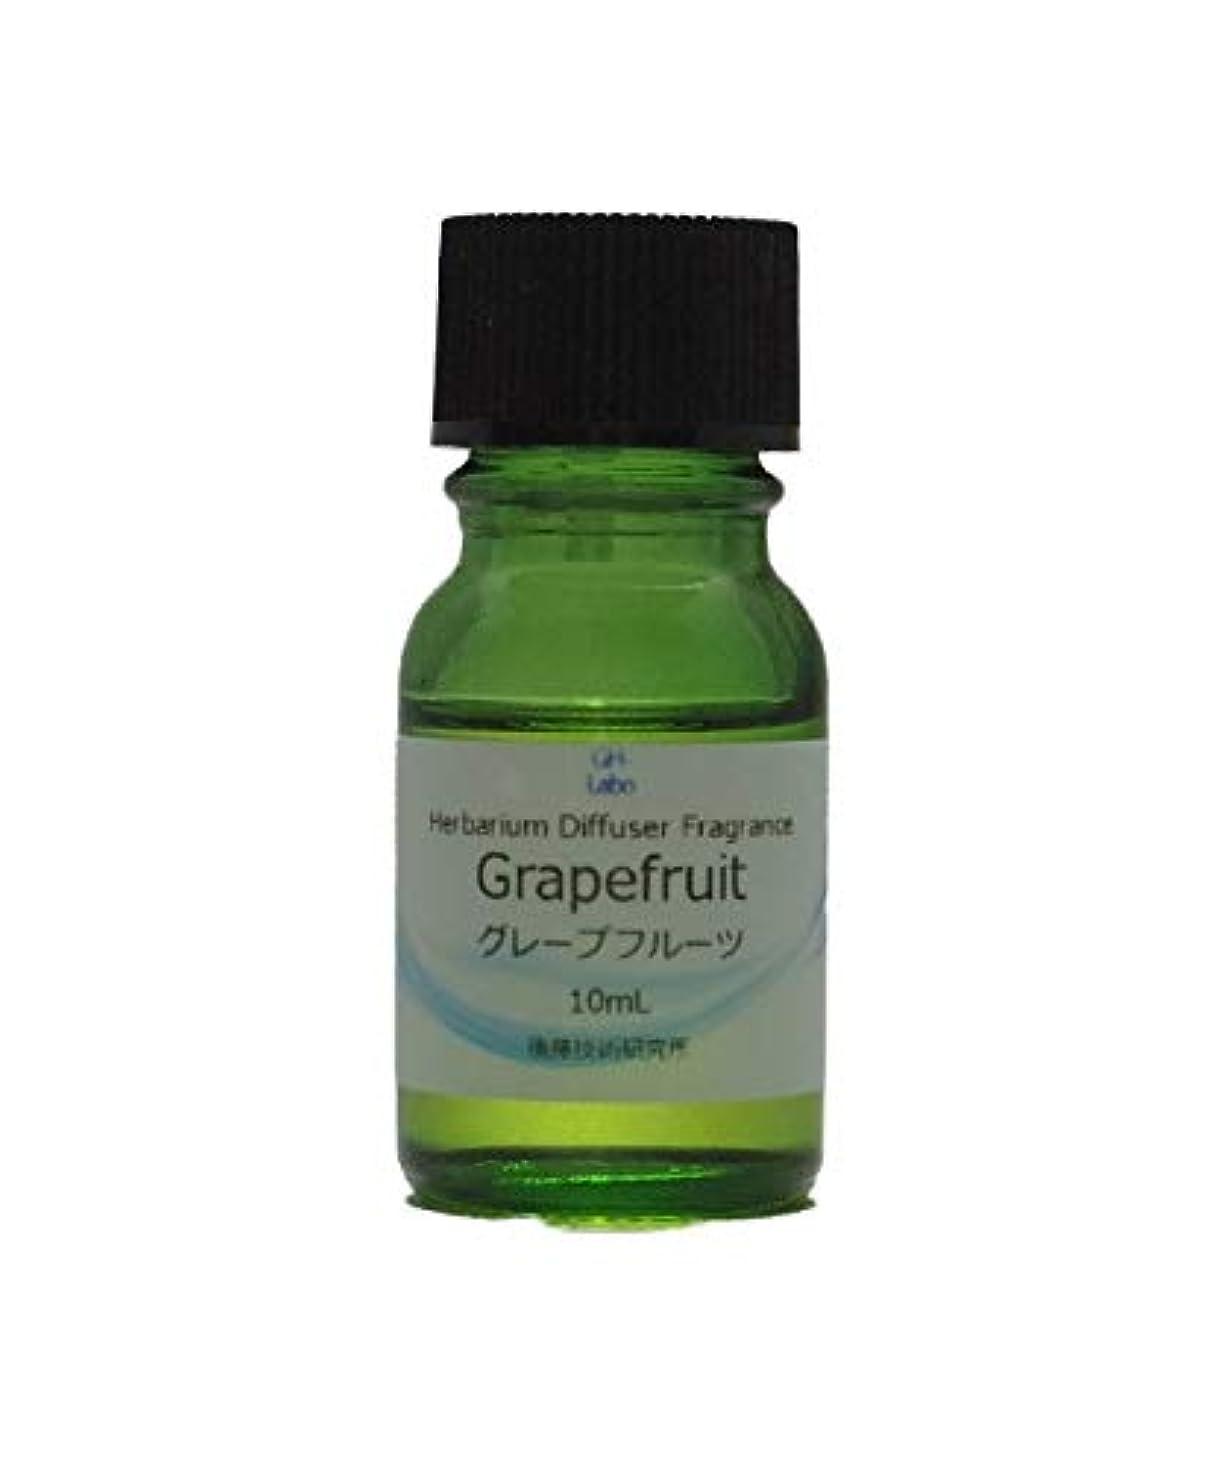 クローゼットプランターリルグレープフルーツ フレグランス 香料 ディフューザー ハーバリウム アロマオイル 手作り 化粧品